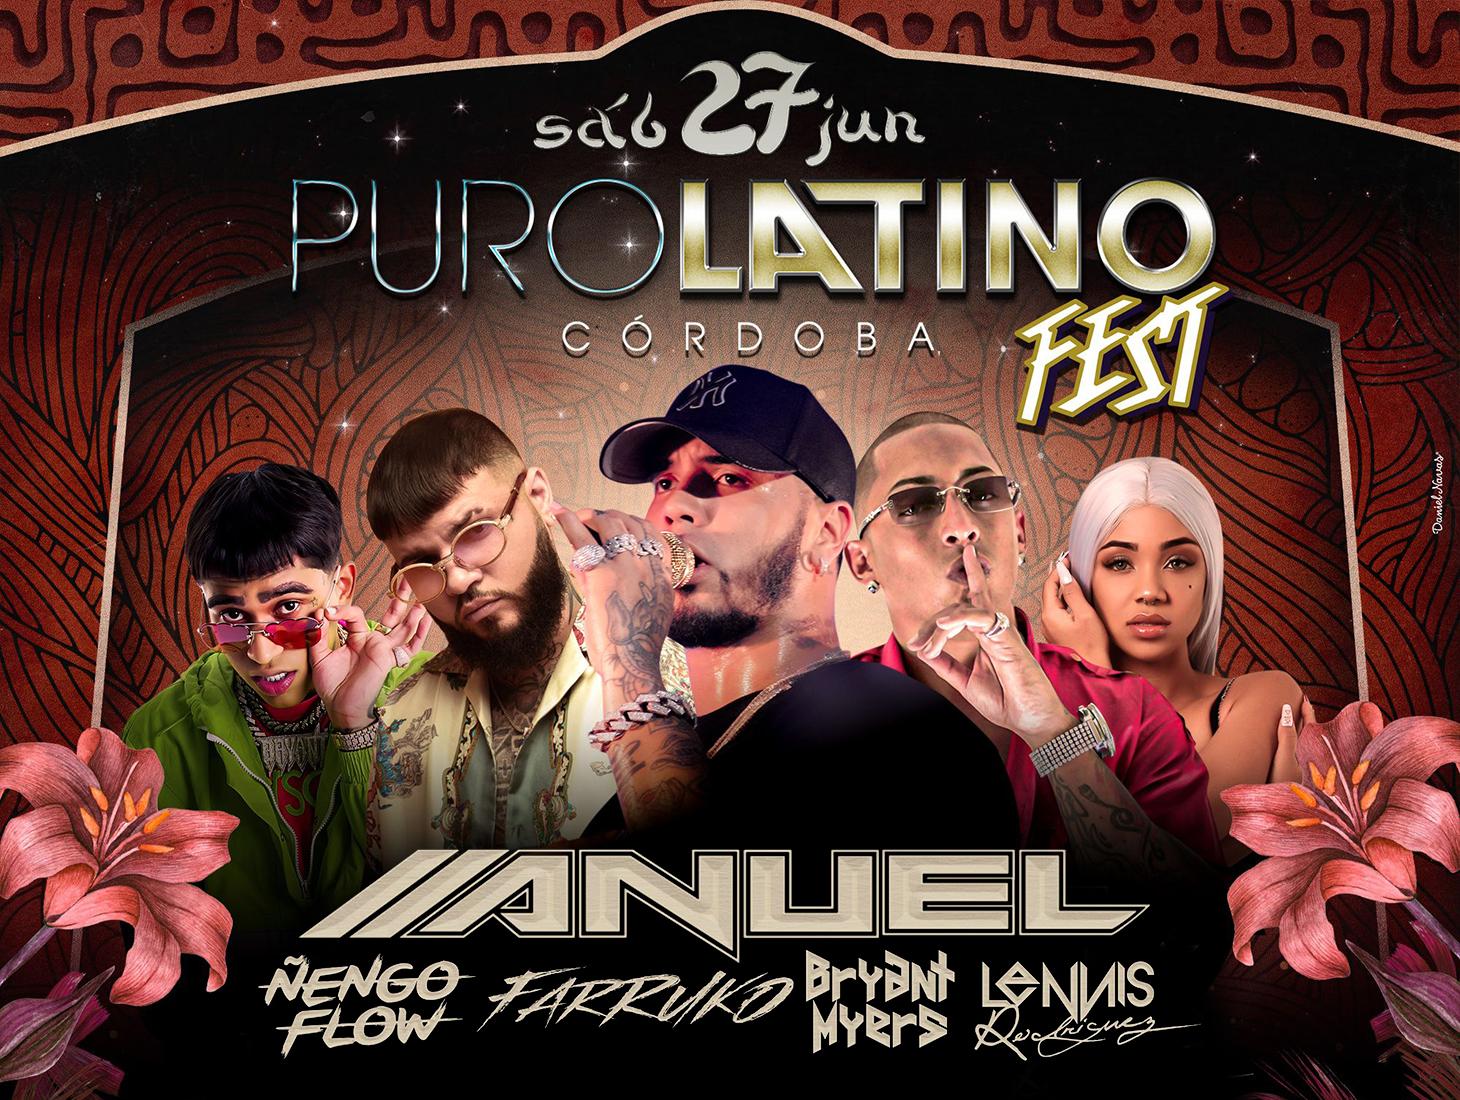 puro-latino-festival-cordoba-2020-5e69270fee717.jpeg